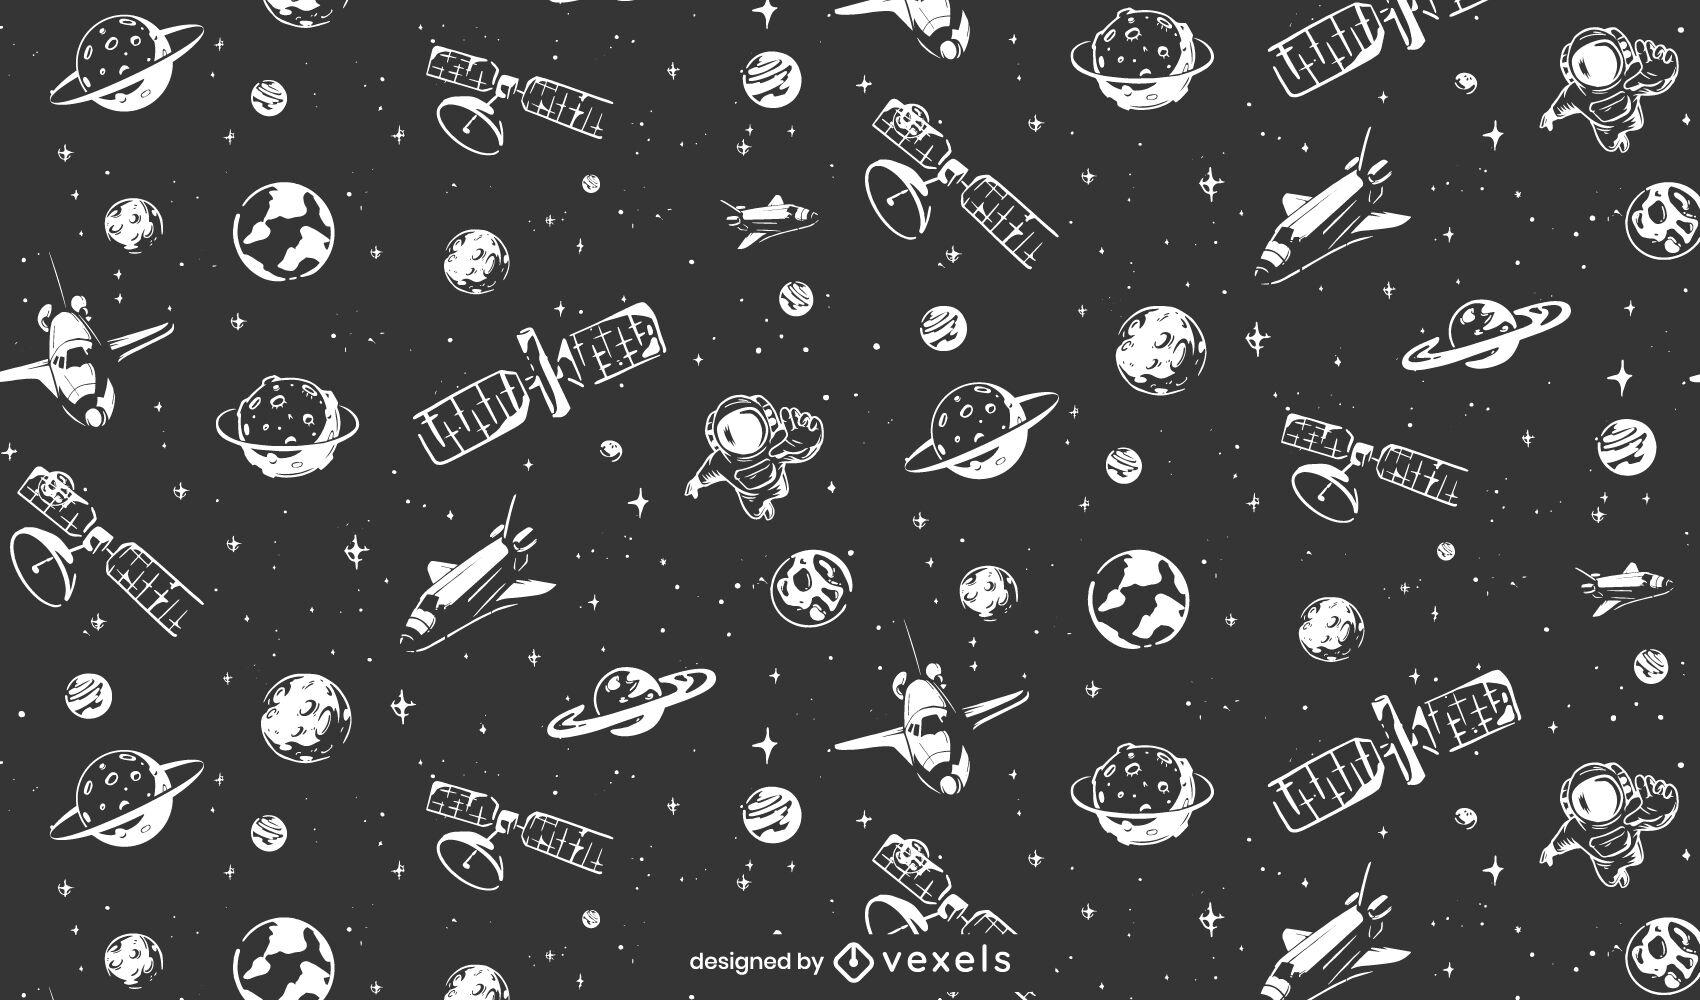 Dise?o de patrones espaciales de planetas y sat?lites.